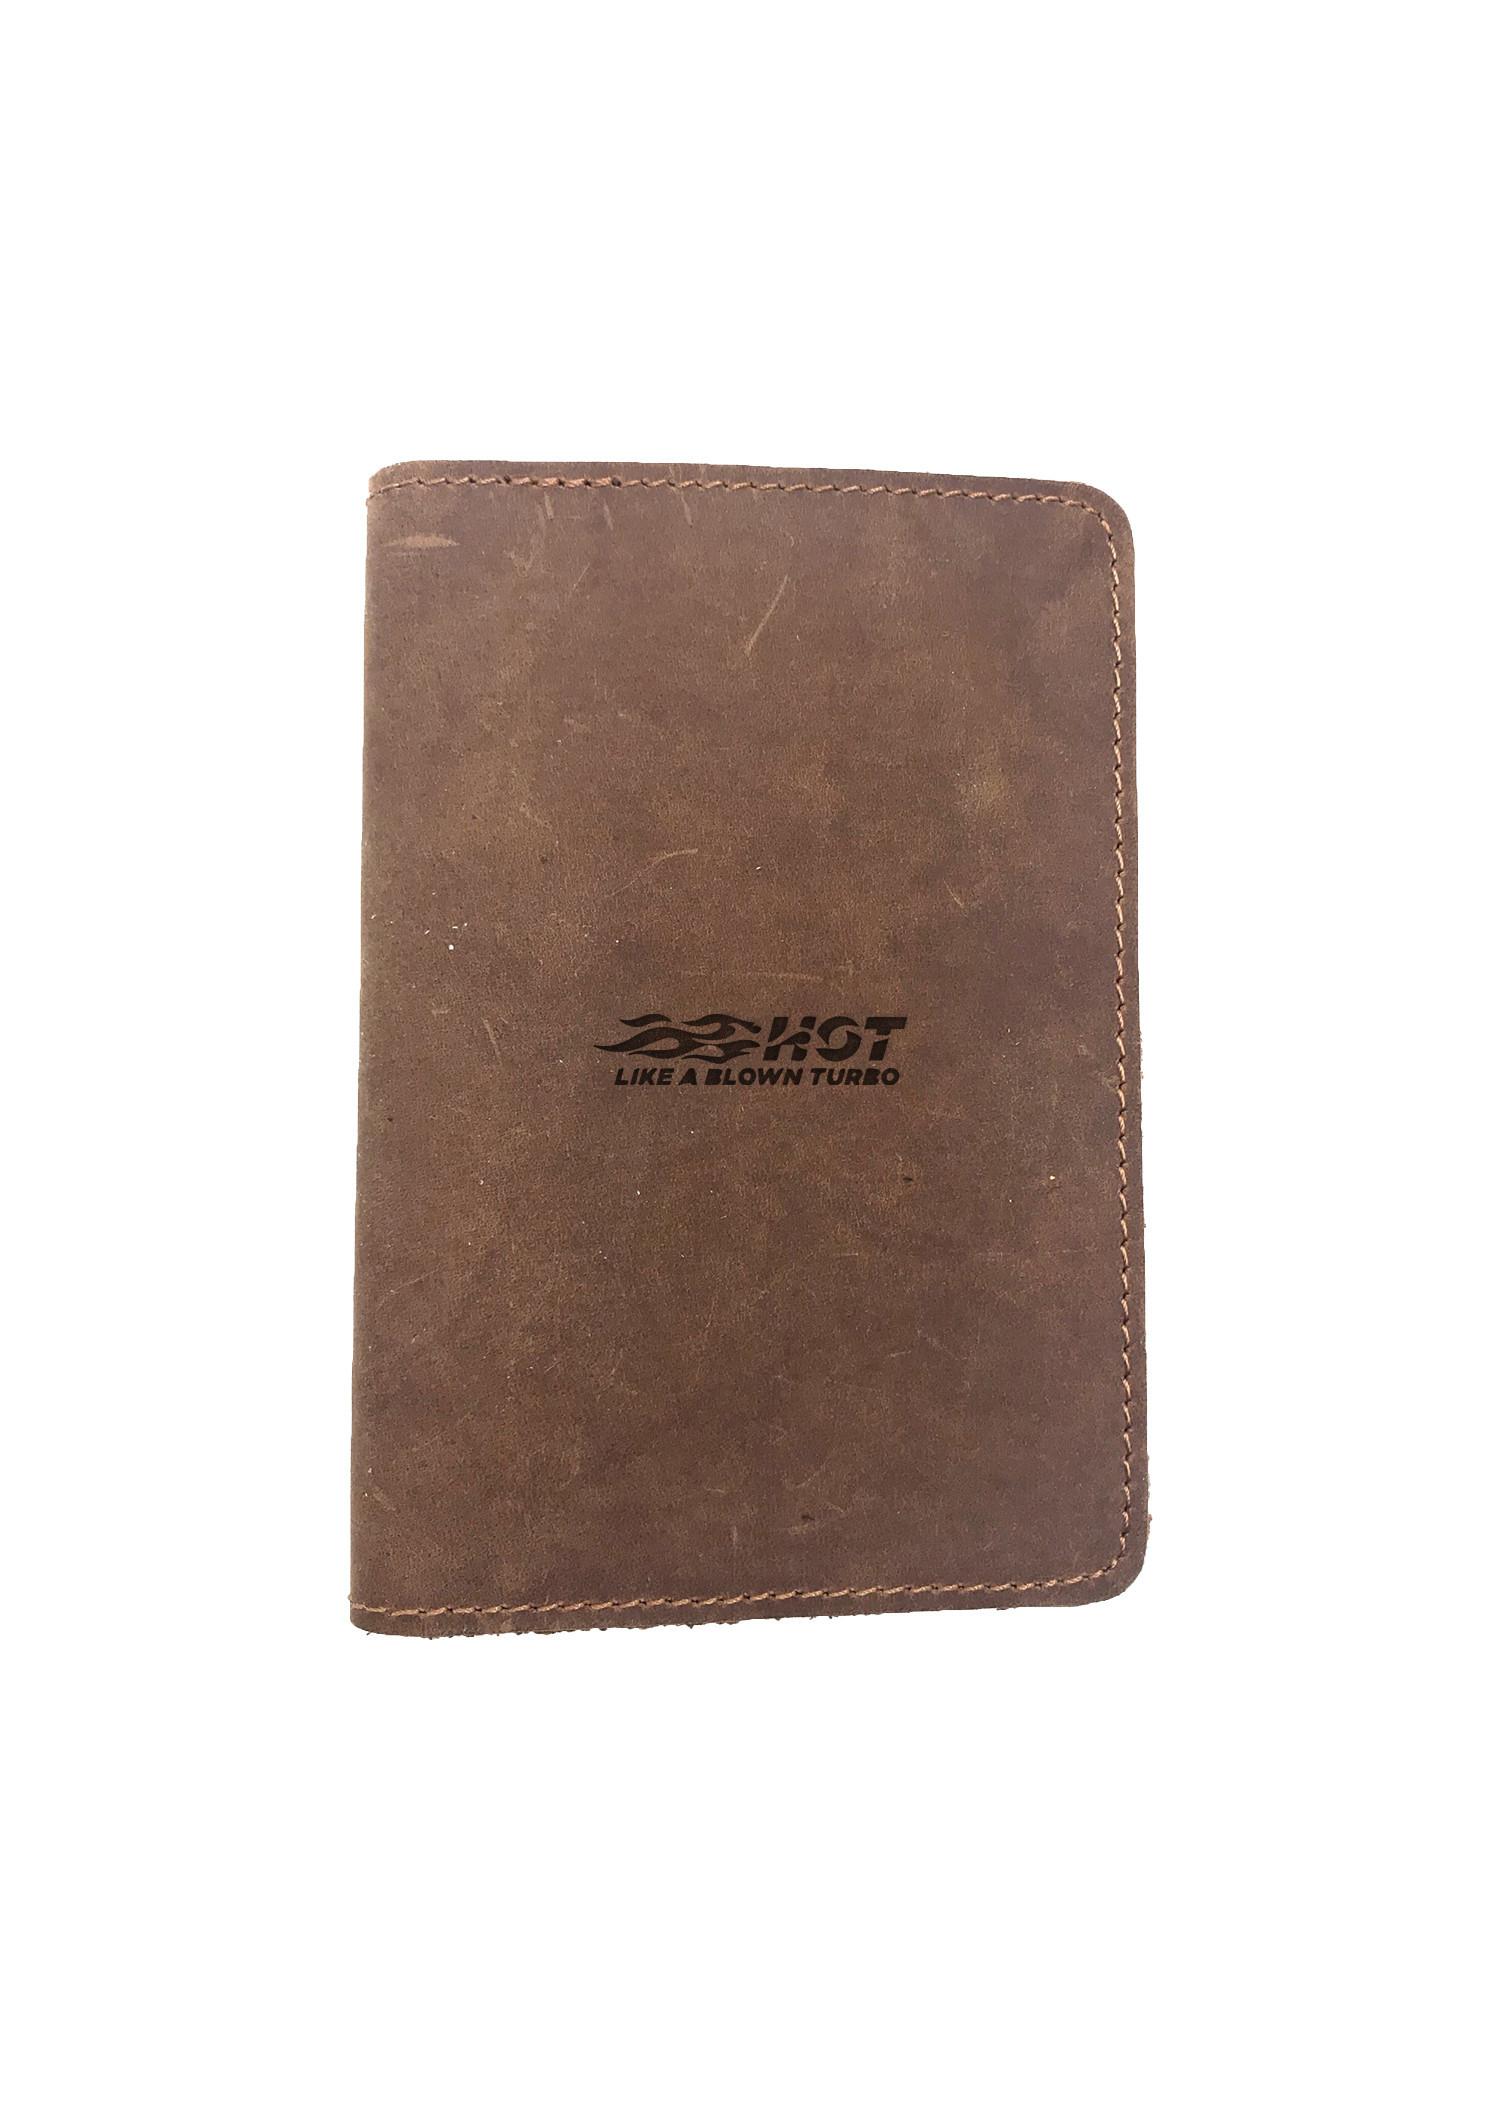 Passport Cover Bao Da Hộ Chiếu Da Sáp Khắc Hình Hình HOT LIKE A BLOWN TURBO (BROWN)